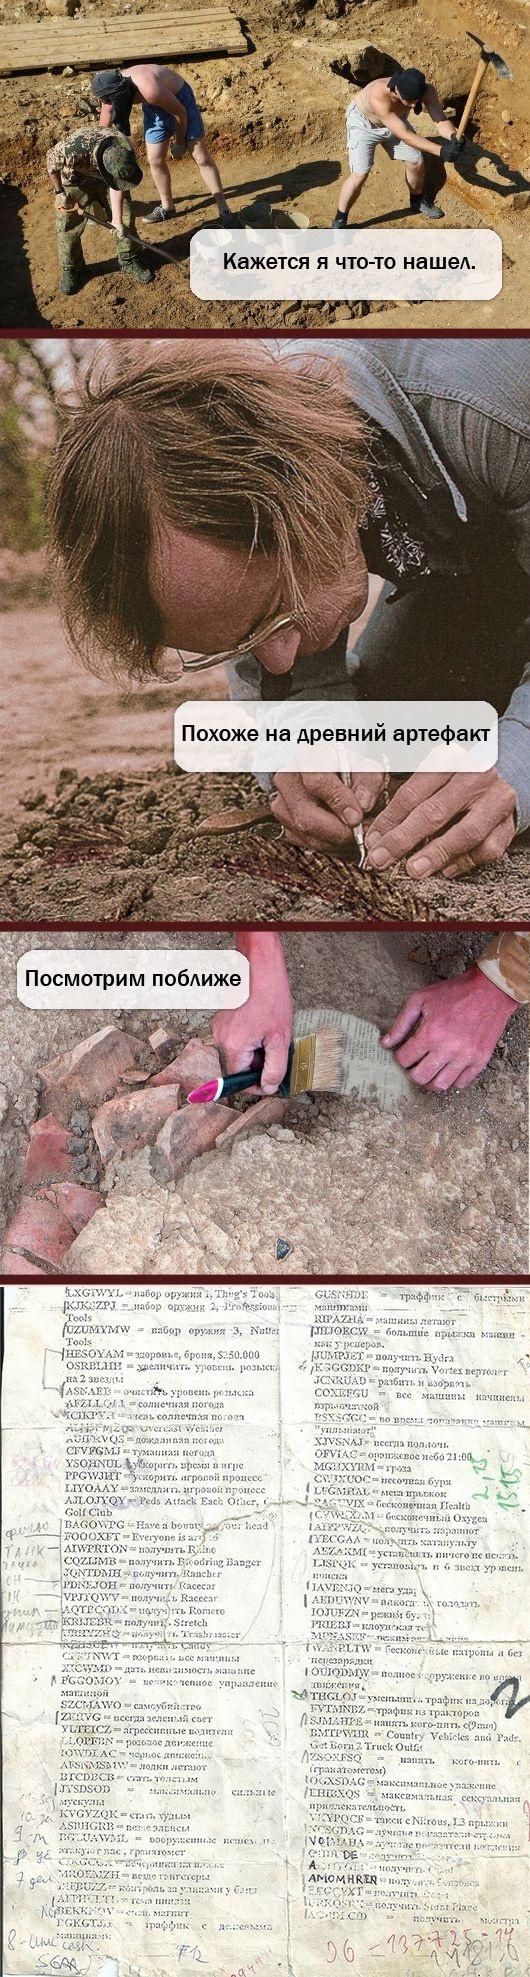 Смешные комиксы (20 картинок) 07.07.2014